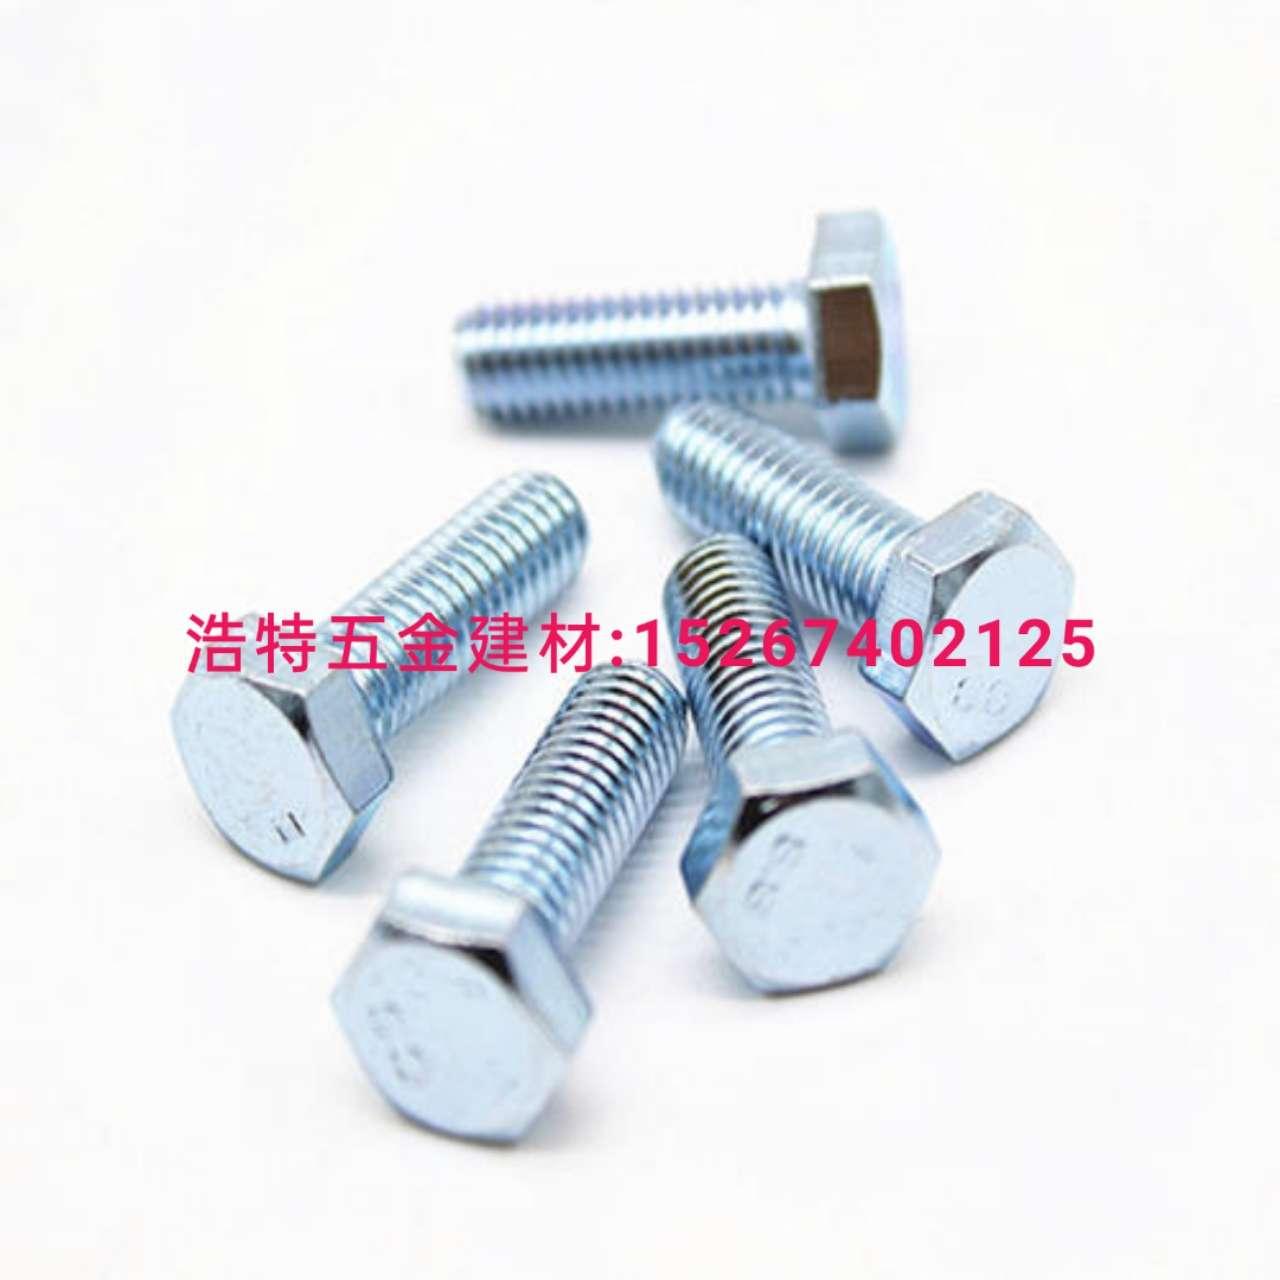 外六角螺丝 标准件 螺丝螺母 膨胀螺丝 木螺丝牙条内六角钻尾螺丝 马车栓 异型螺丝